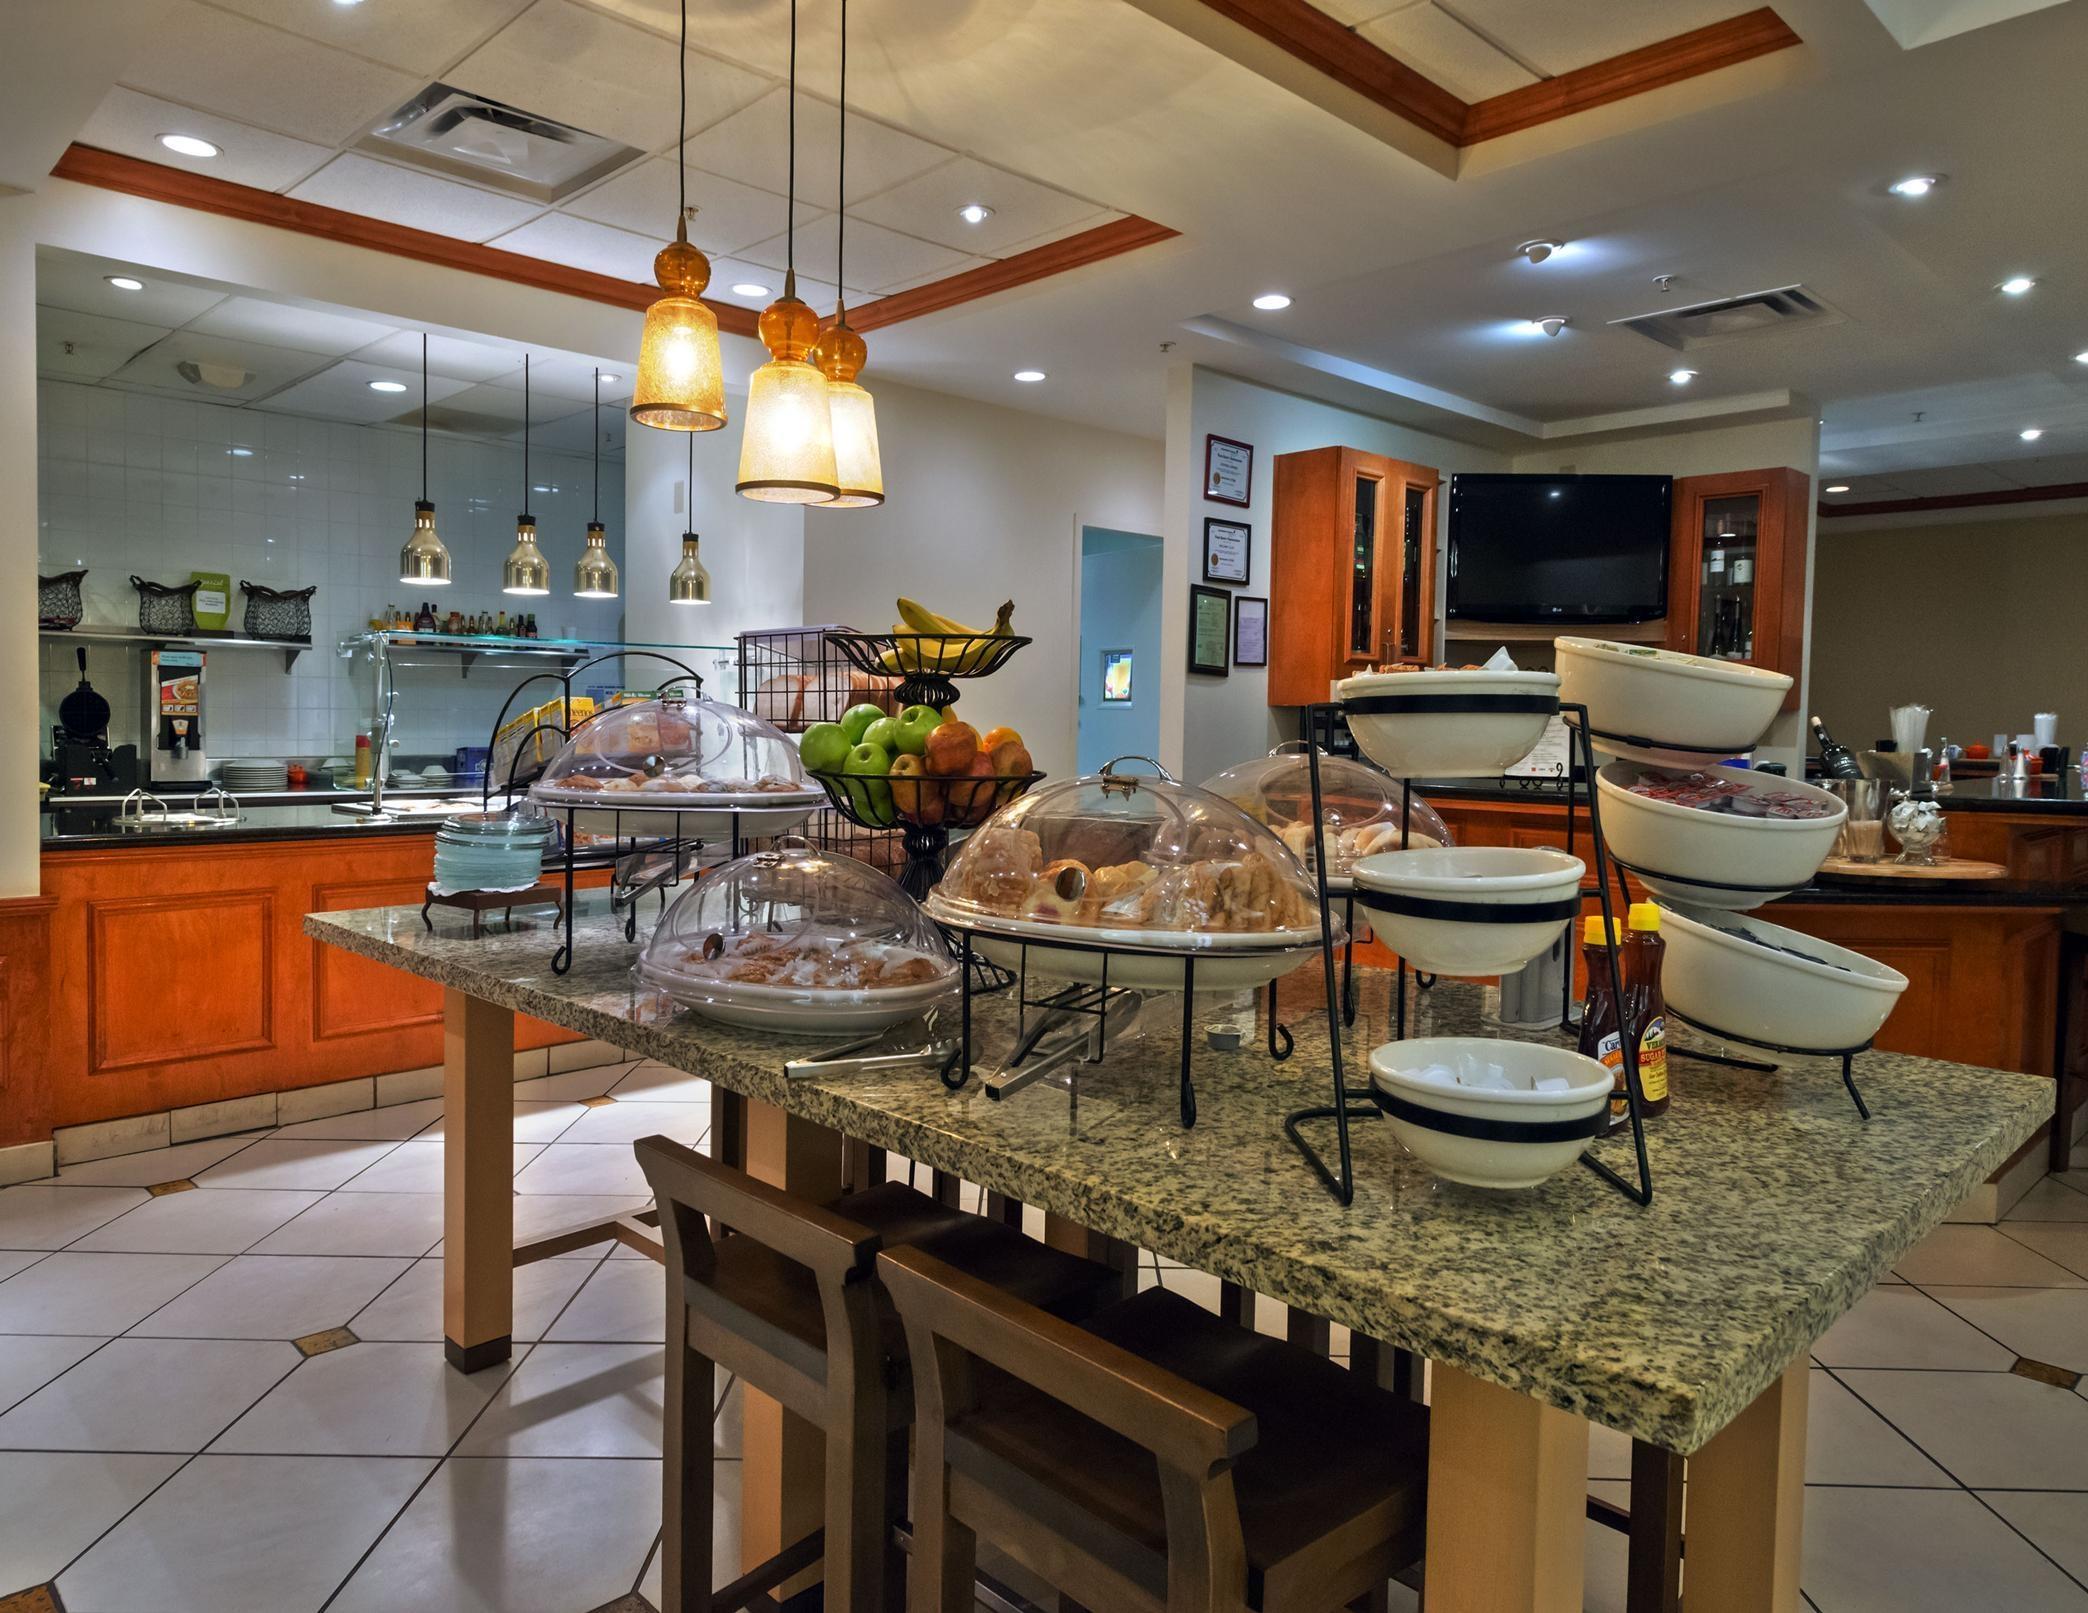 Hilton Garden Inn West Monroe 400 Mane Street West Monroe, LA Hotels . Amazing Ideas